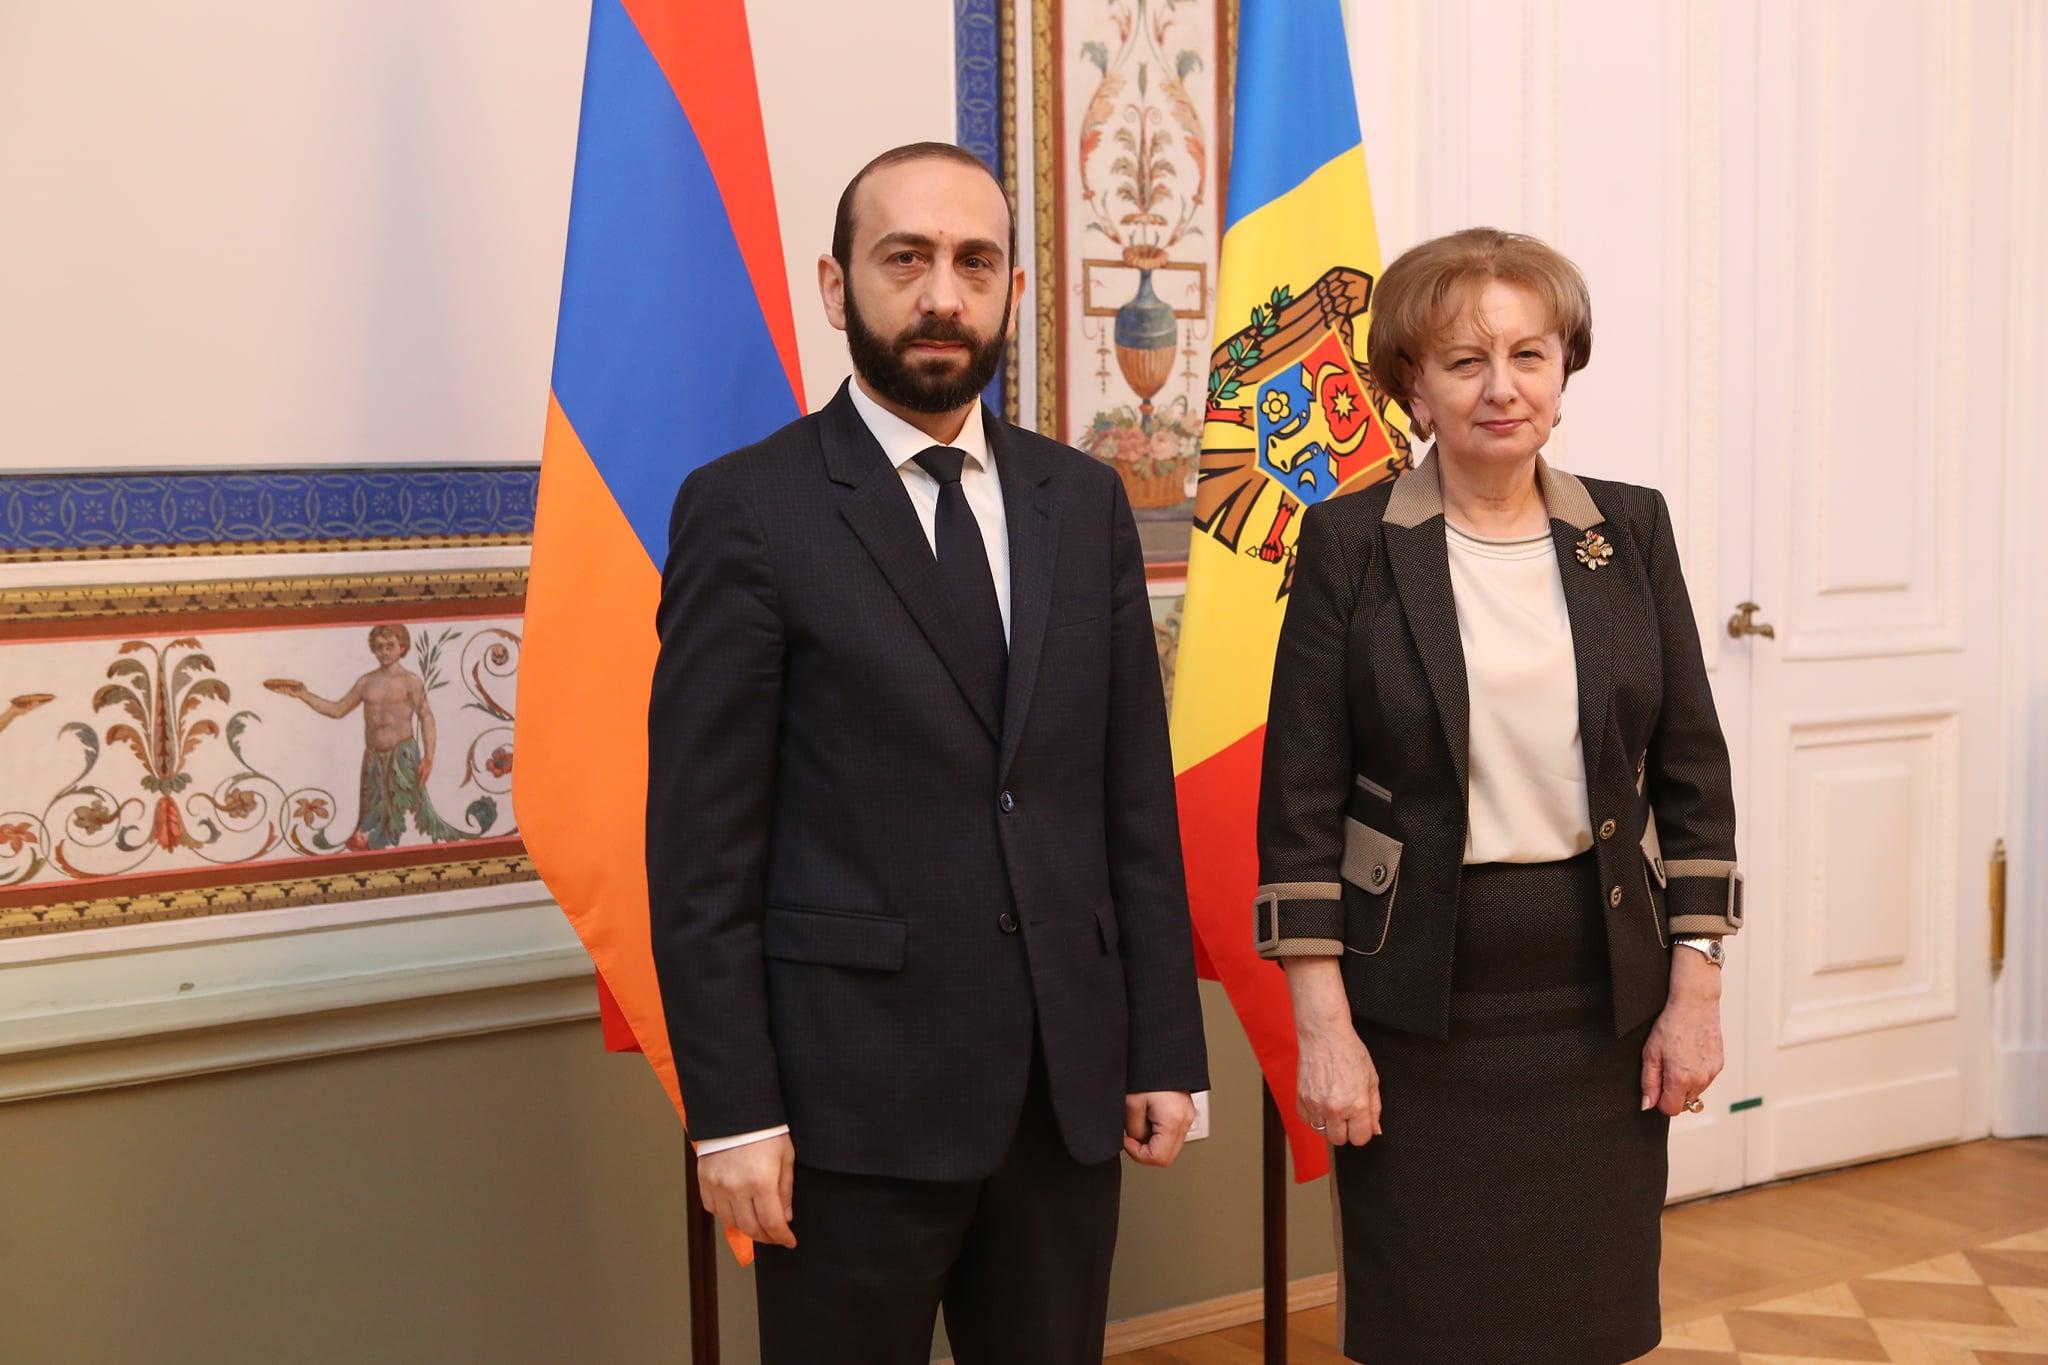 Гречаный: Молдова выступает за продолжение открытого, конструктивного и прагматичного диалога с Арменией